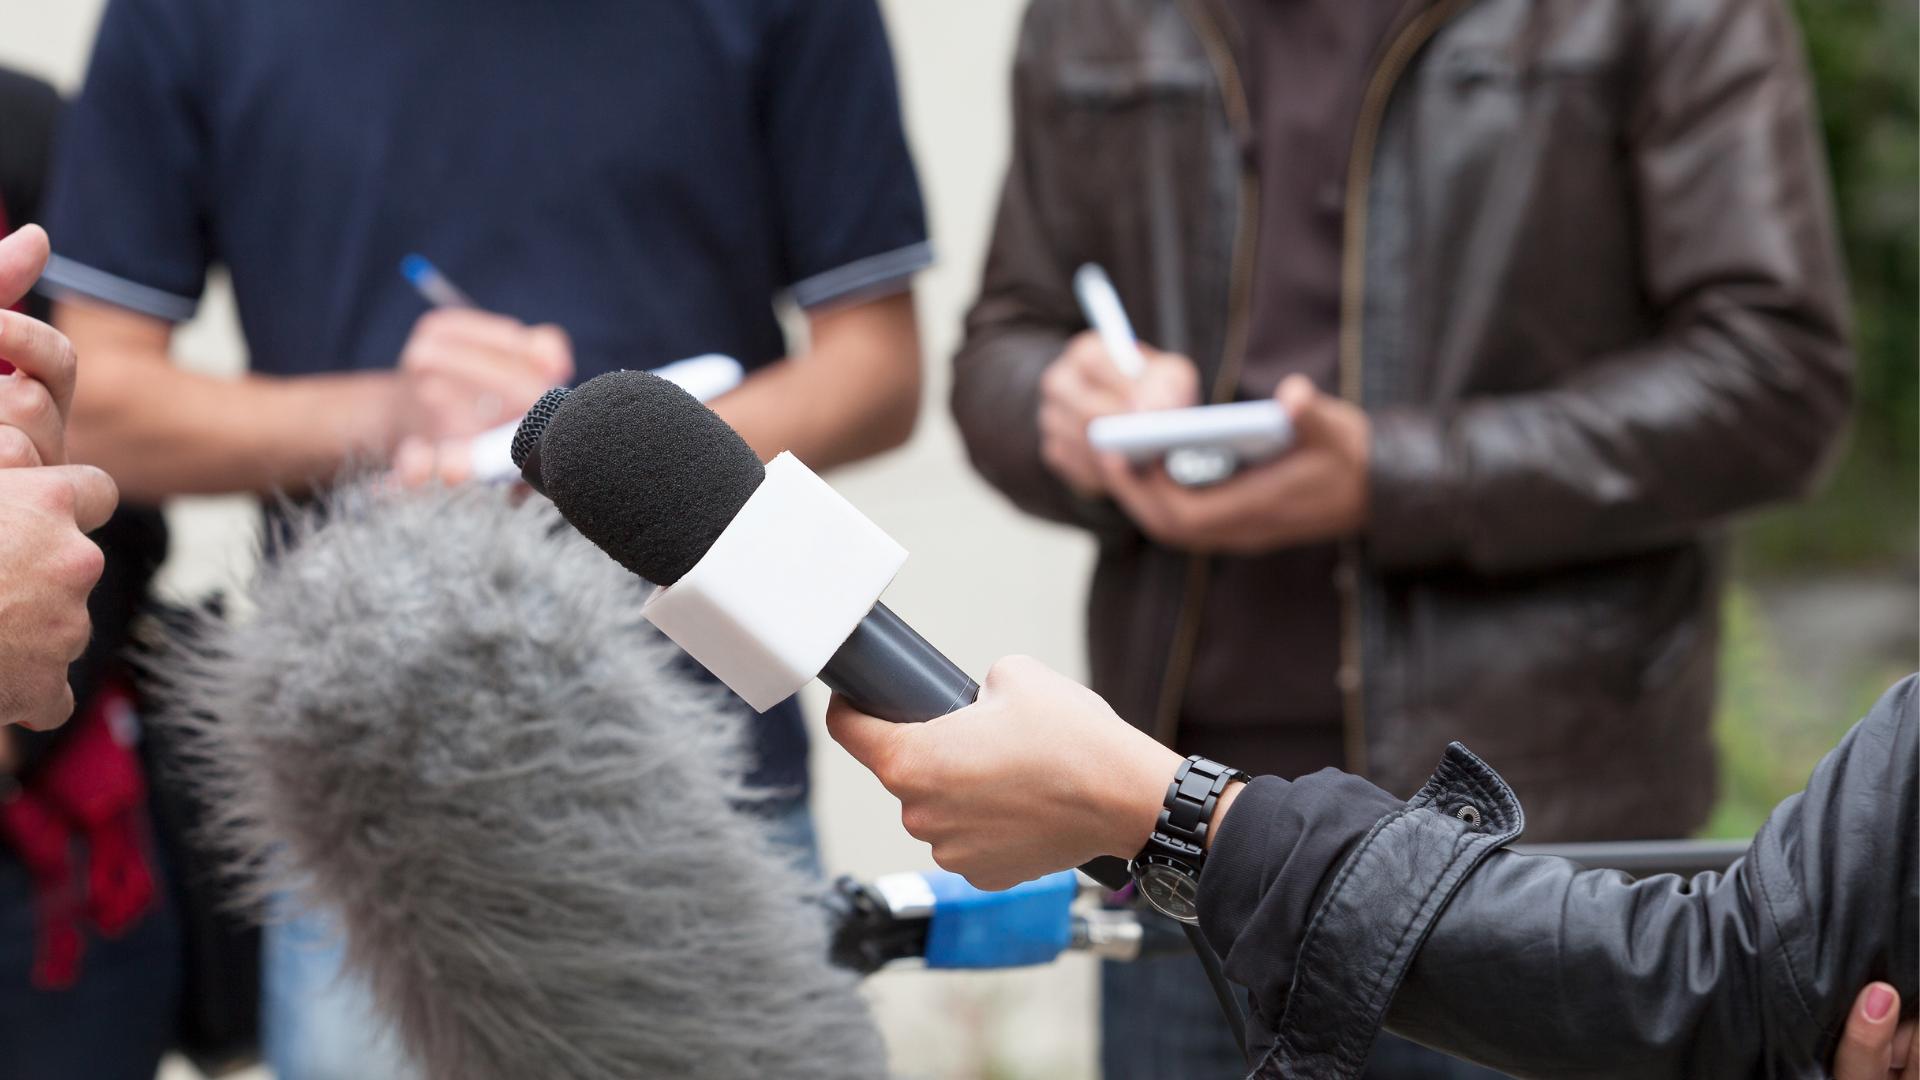 giovani e giornalismo